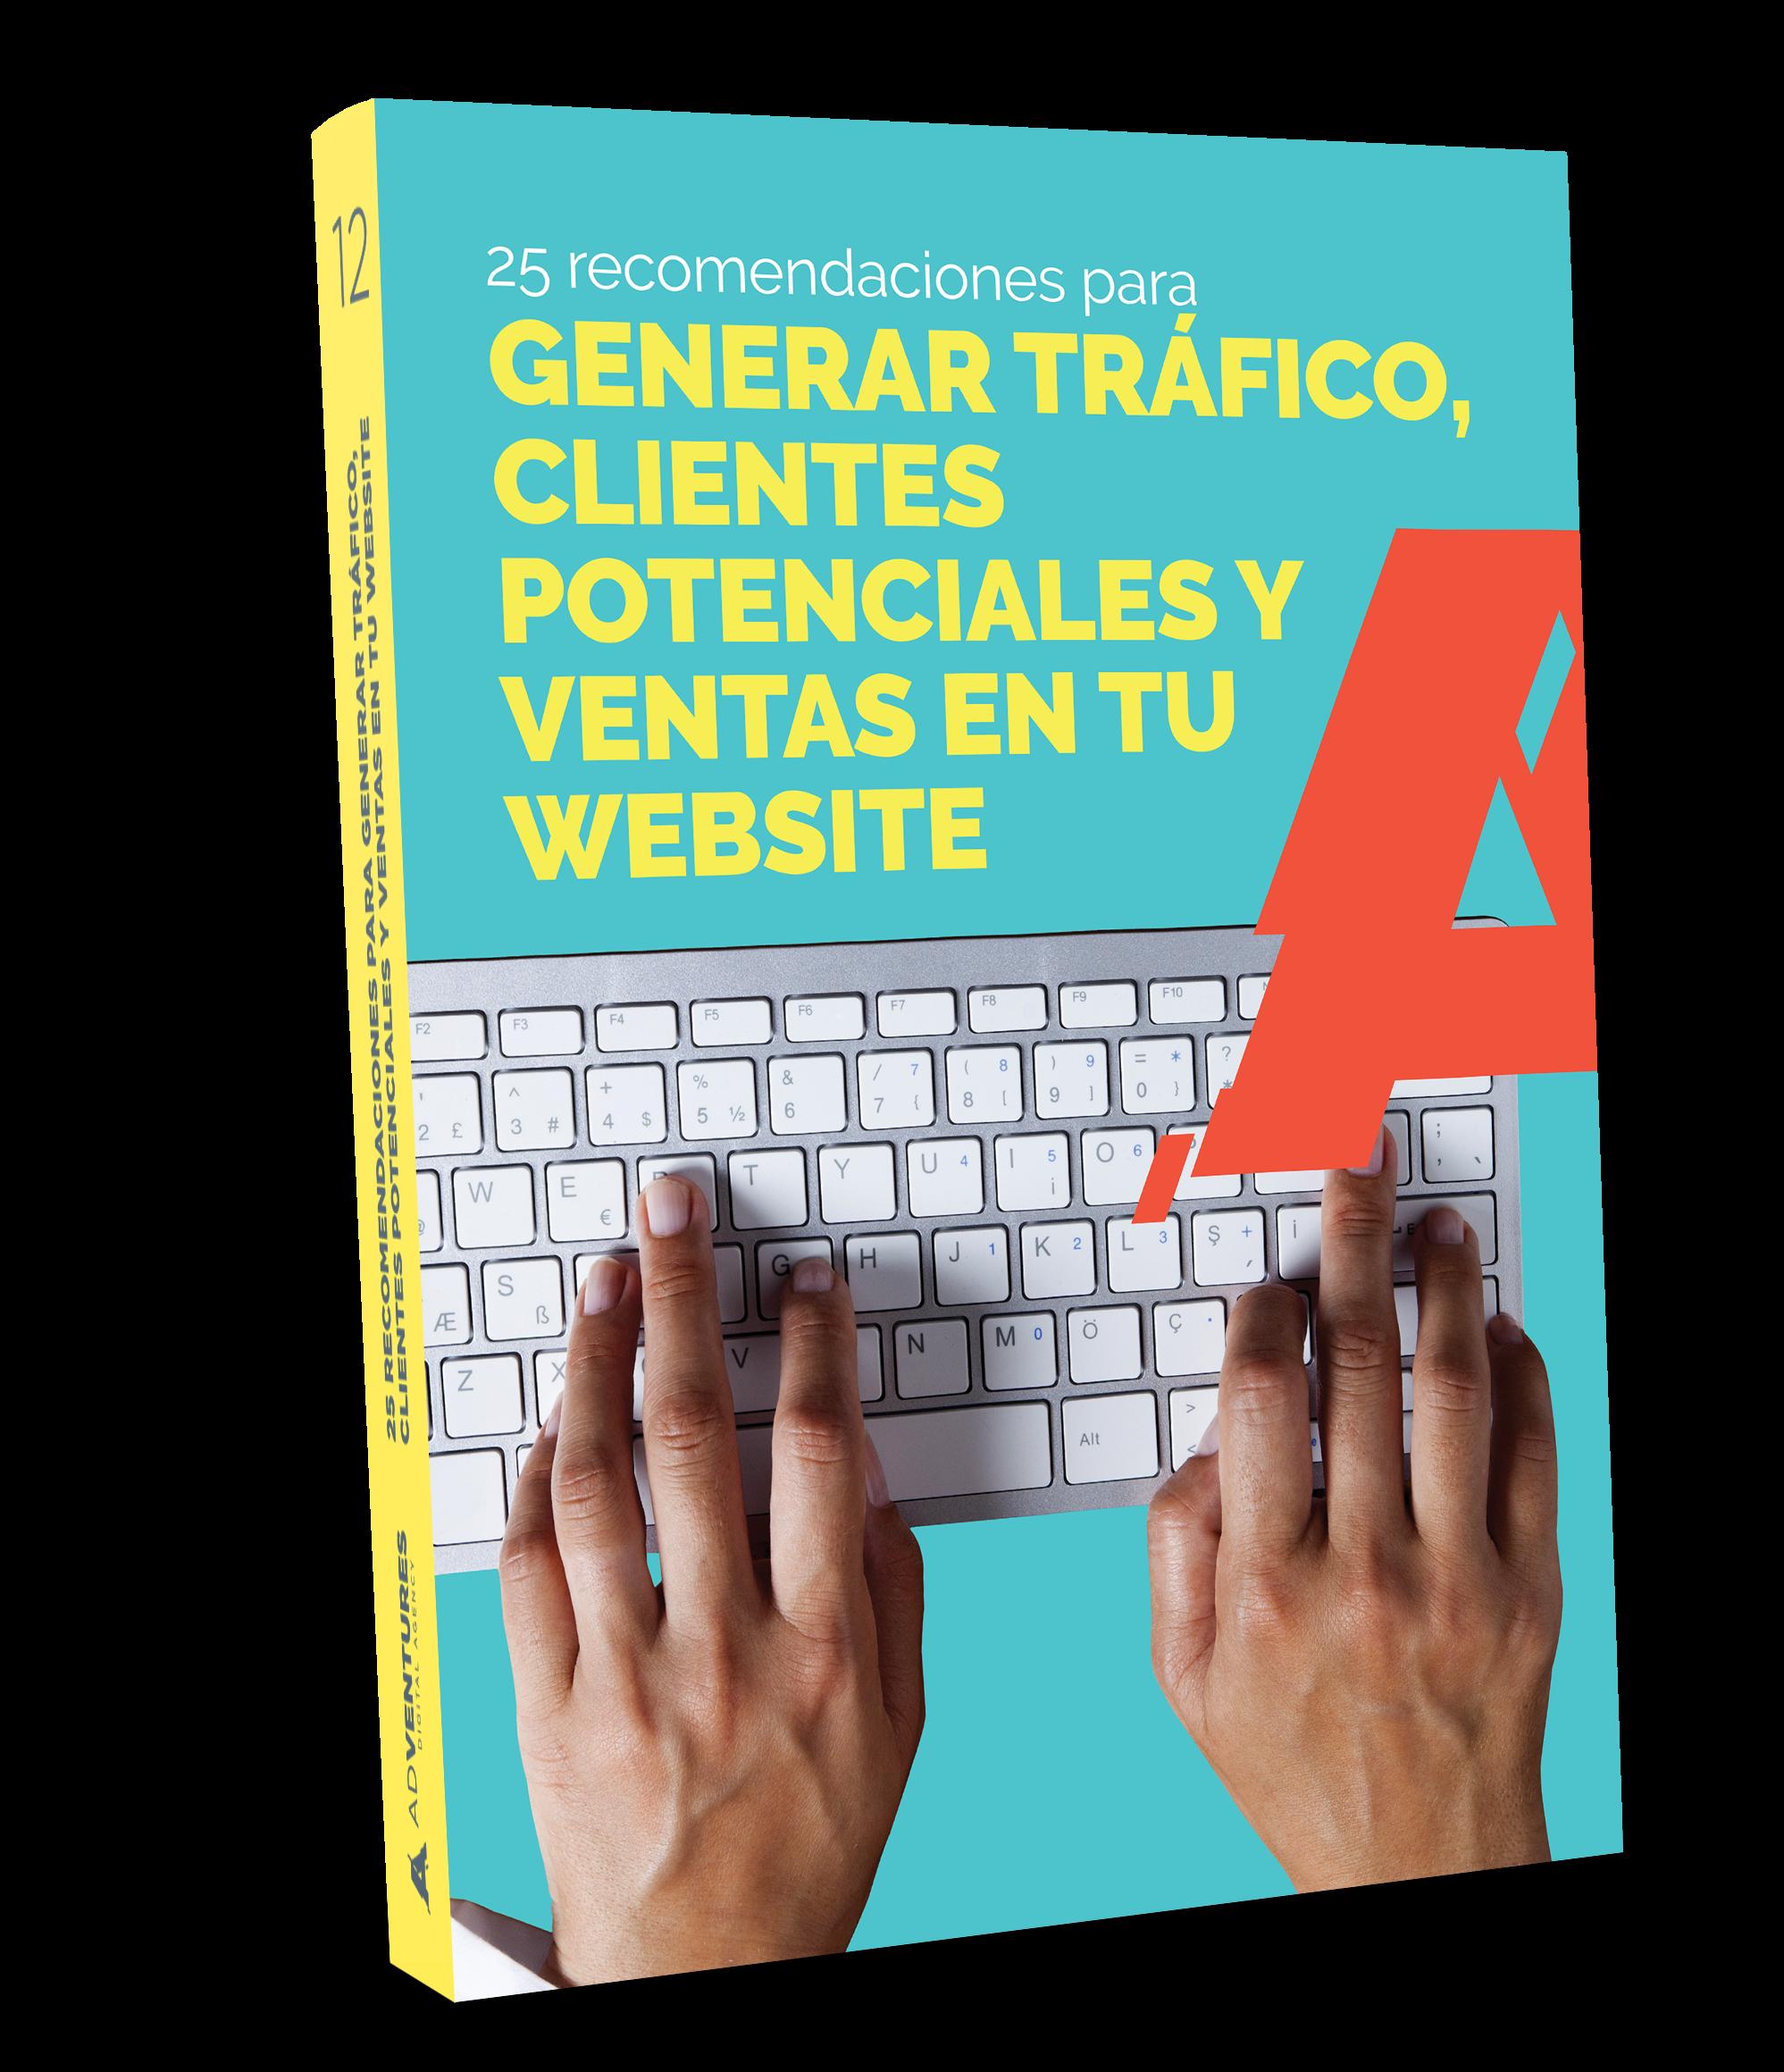 25 recomendaciones - para generar tráfico, clientes potenciales y ventas en tu website